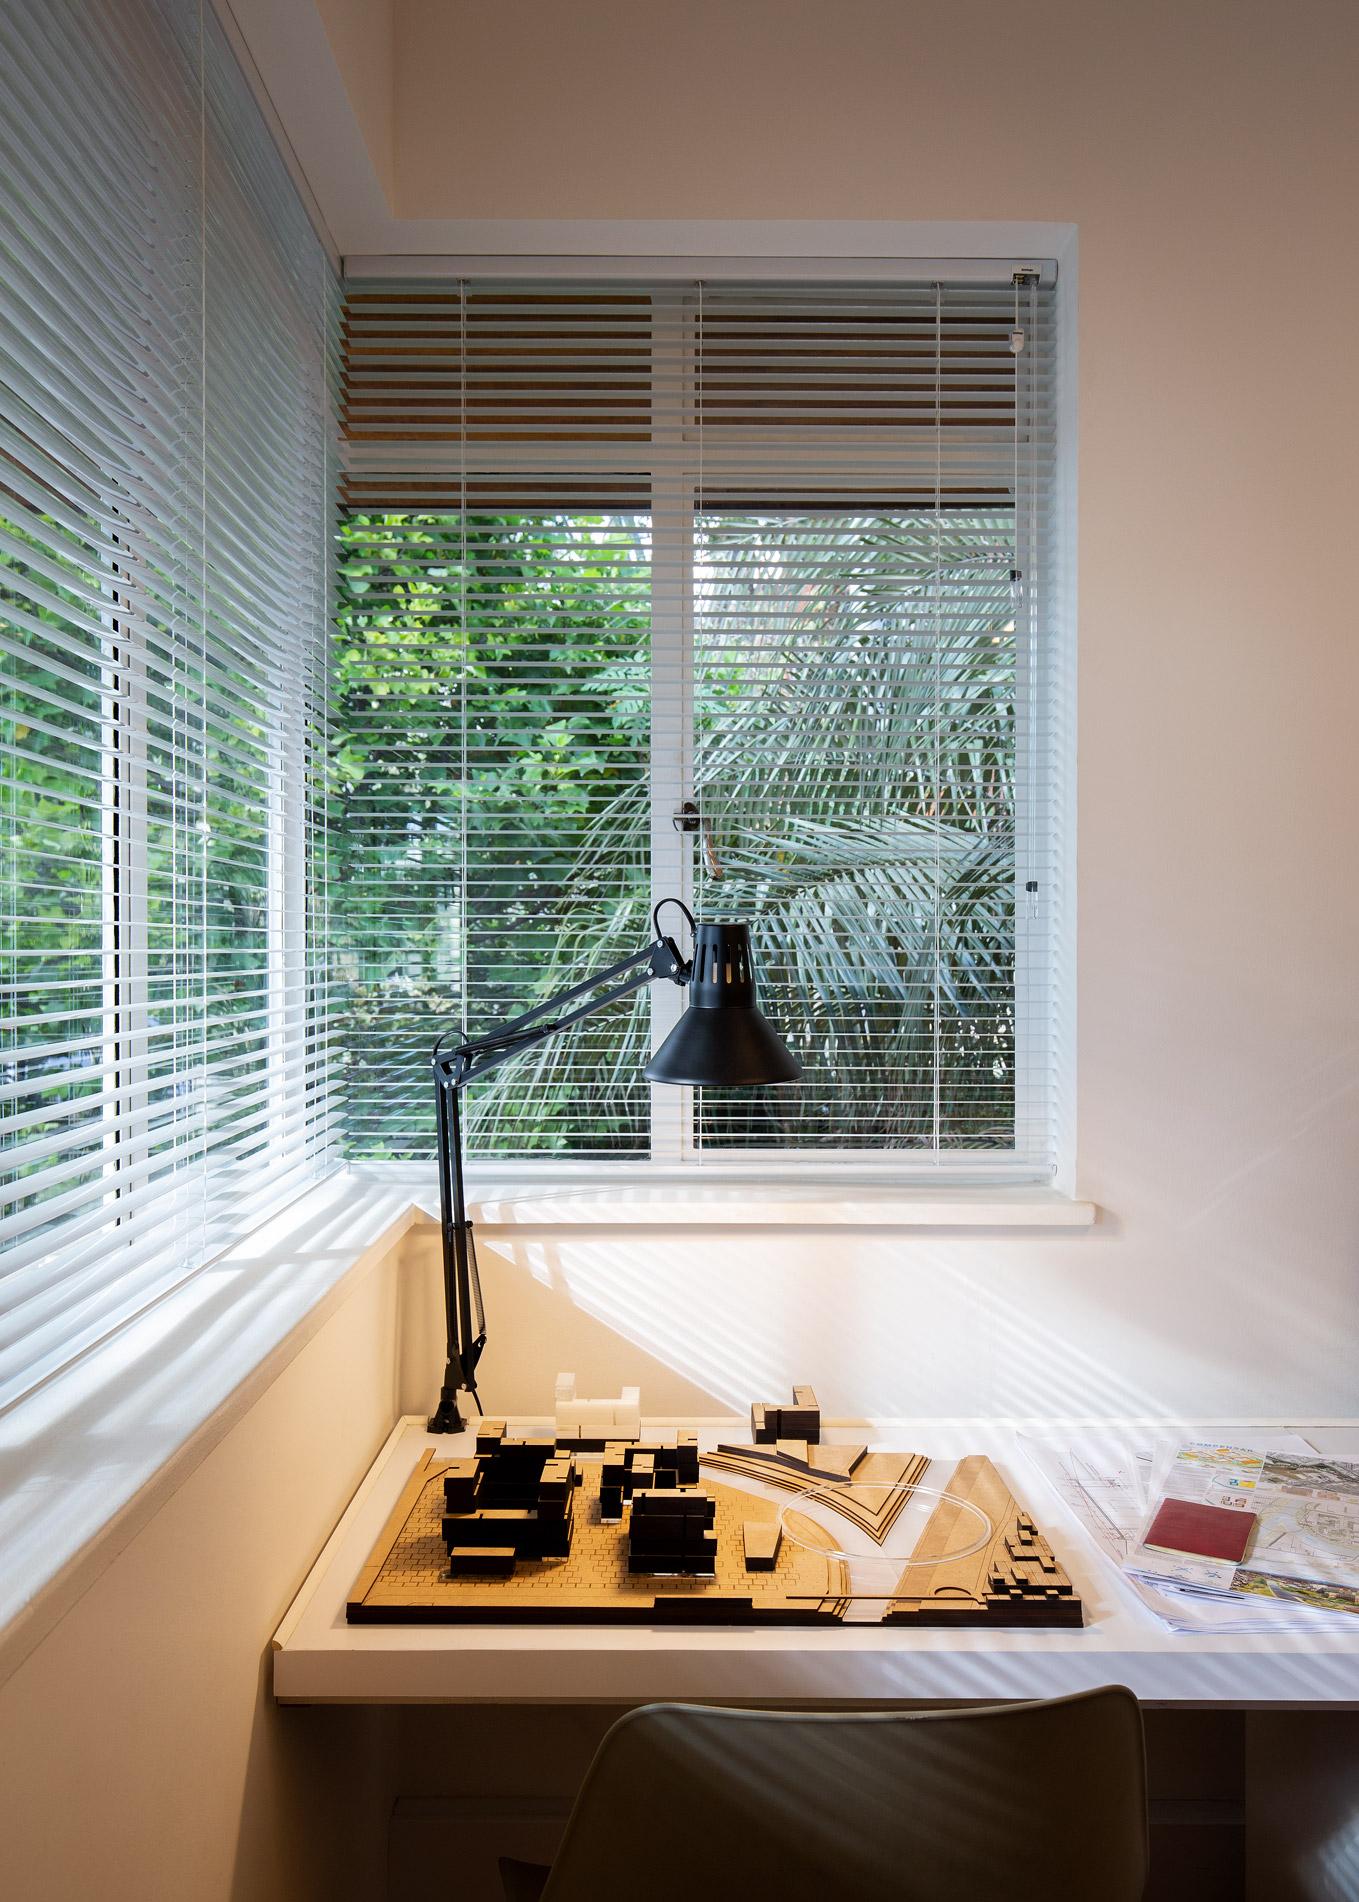 06.bermudez.arquitectos.bogota.simon.bosch.photography.architecture.interior